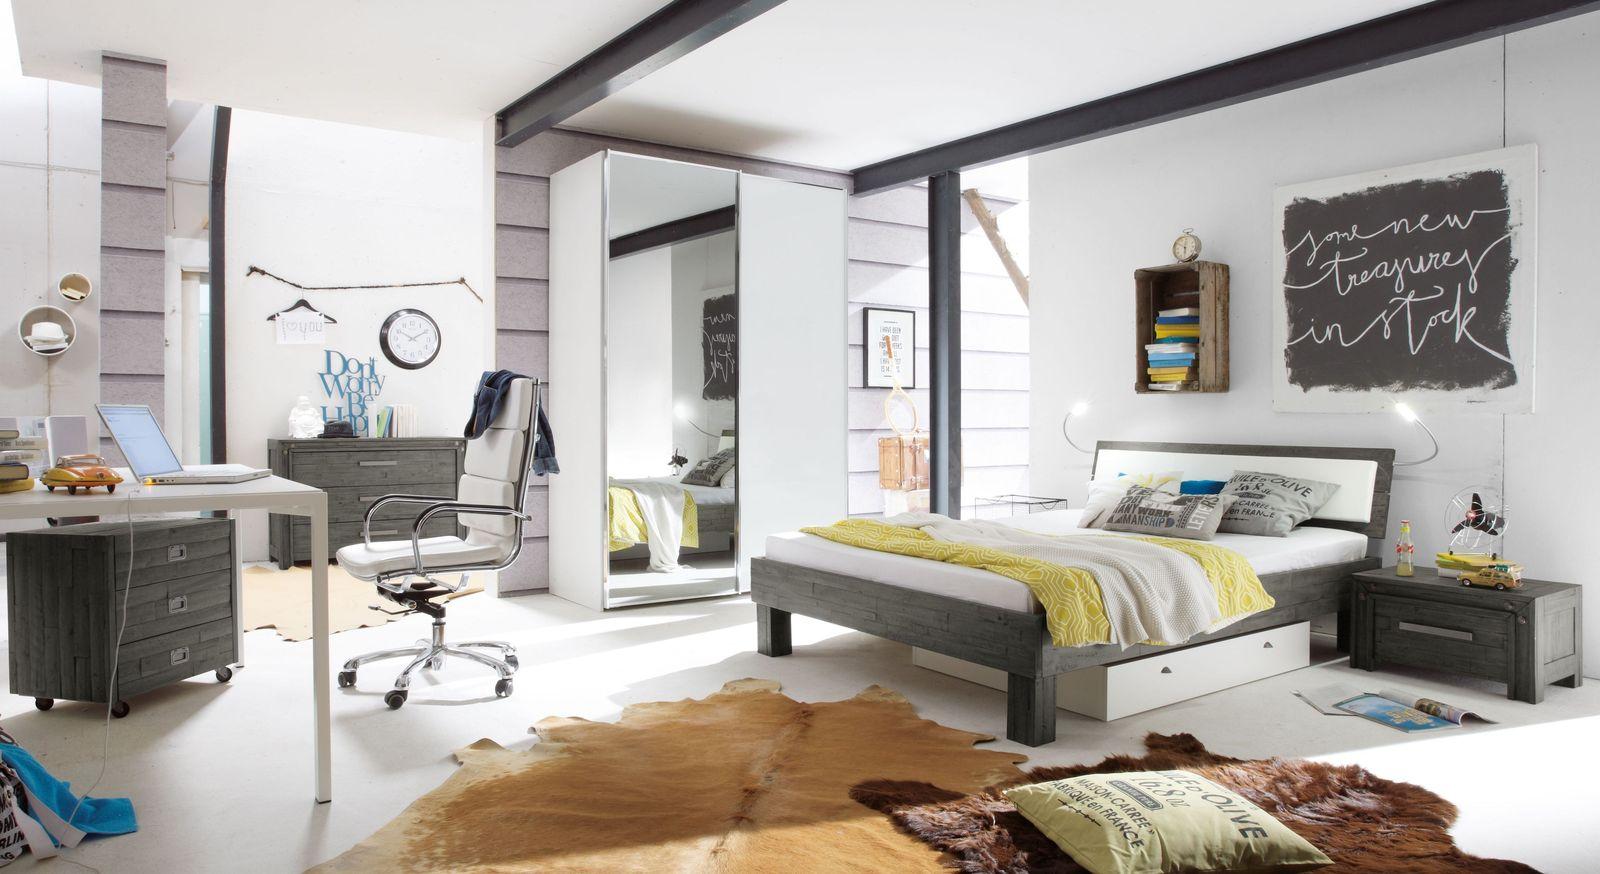 Komplett-Schlafzimmer Caldera mit Möbeln aus Massivholz